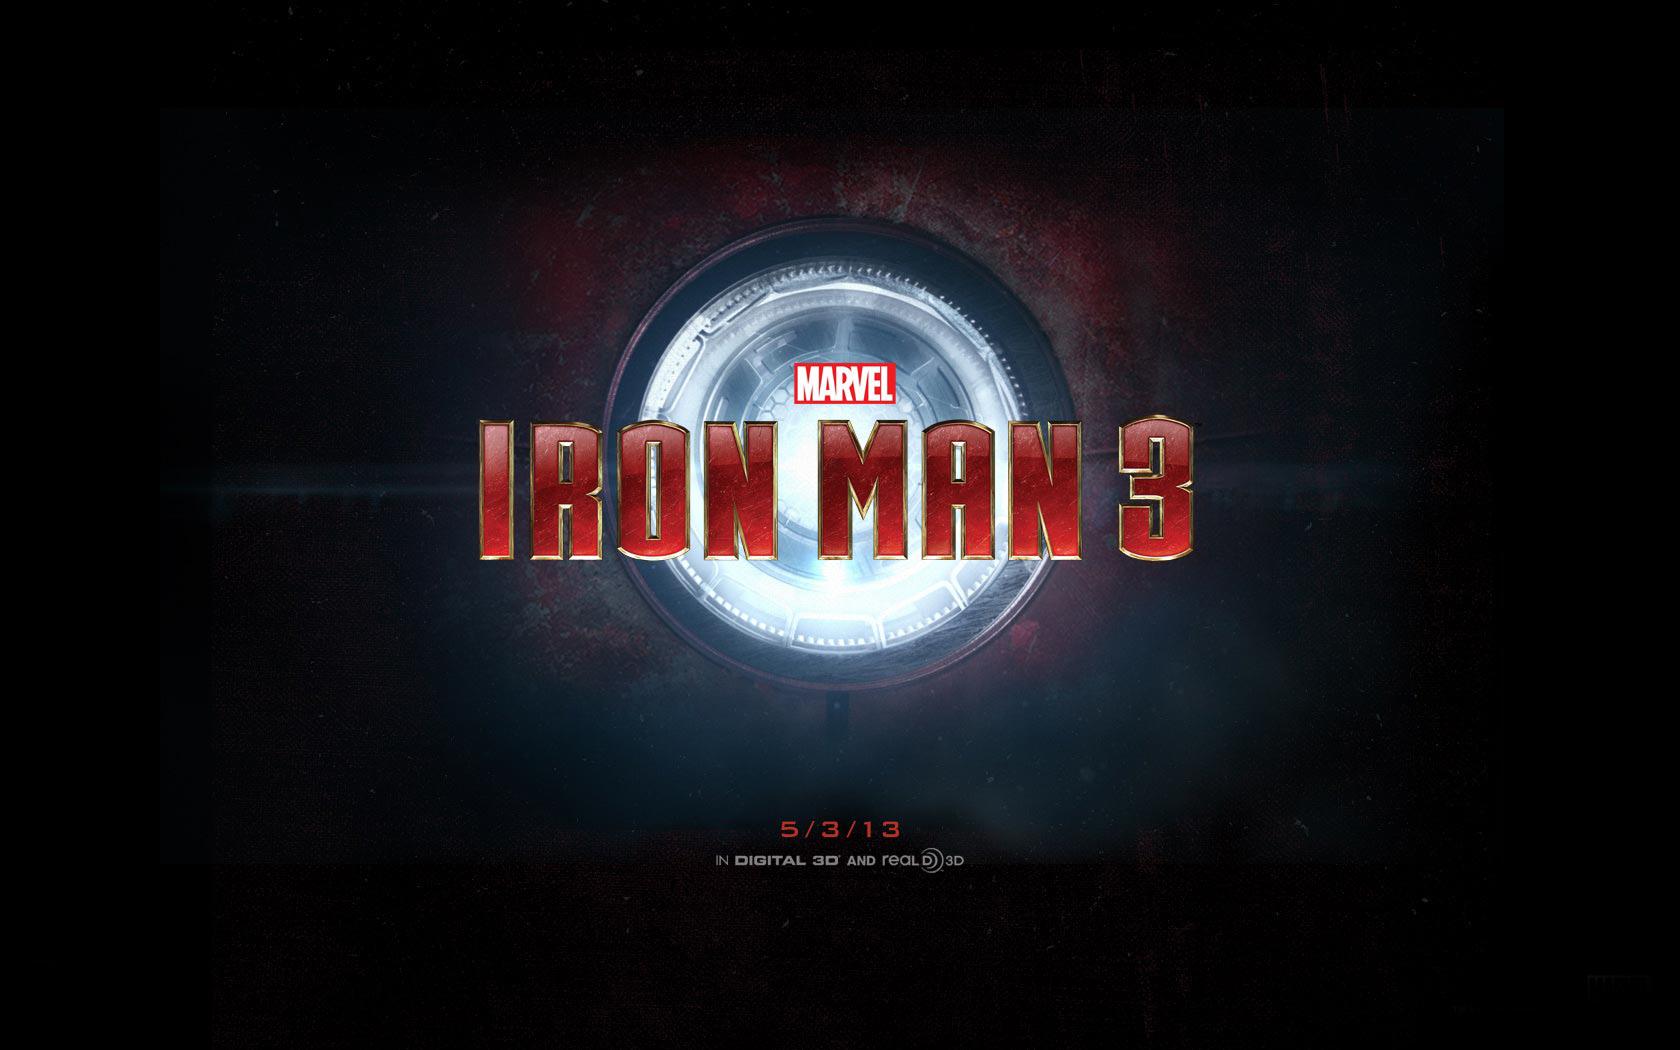 download-iron-man-3-logo-2946-full-size-game-hd.jpg